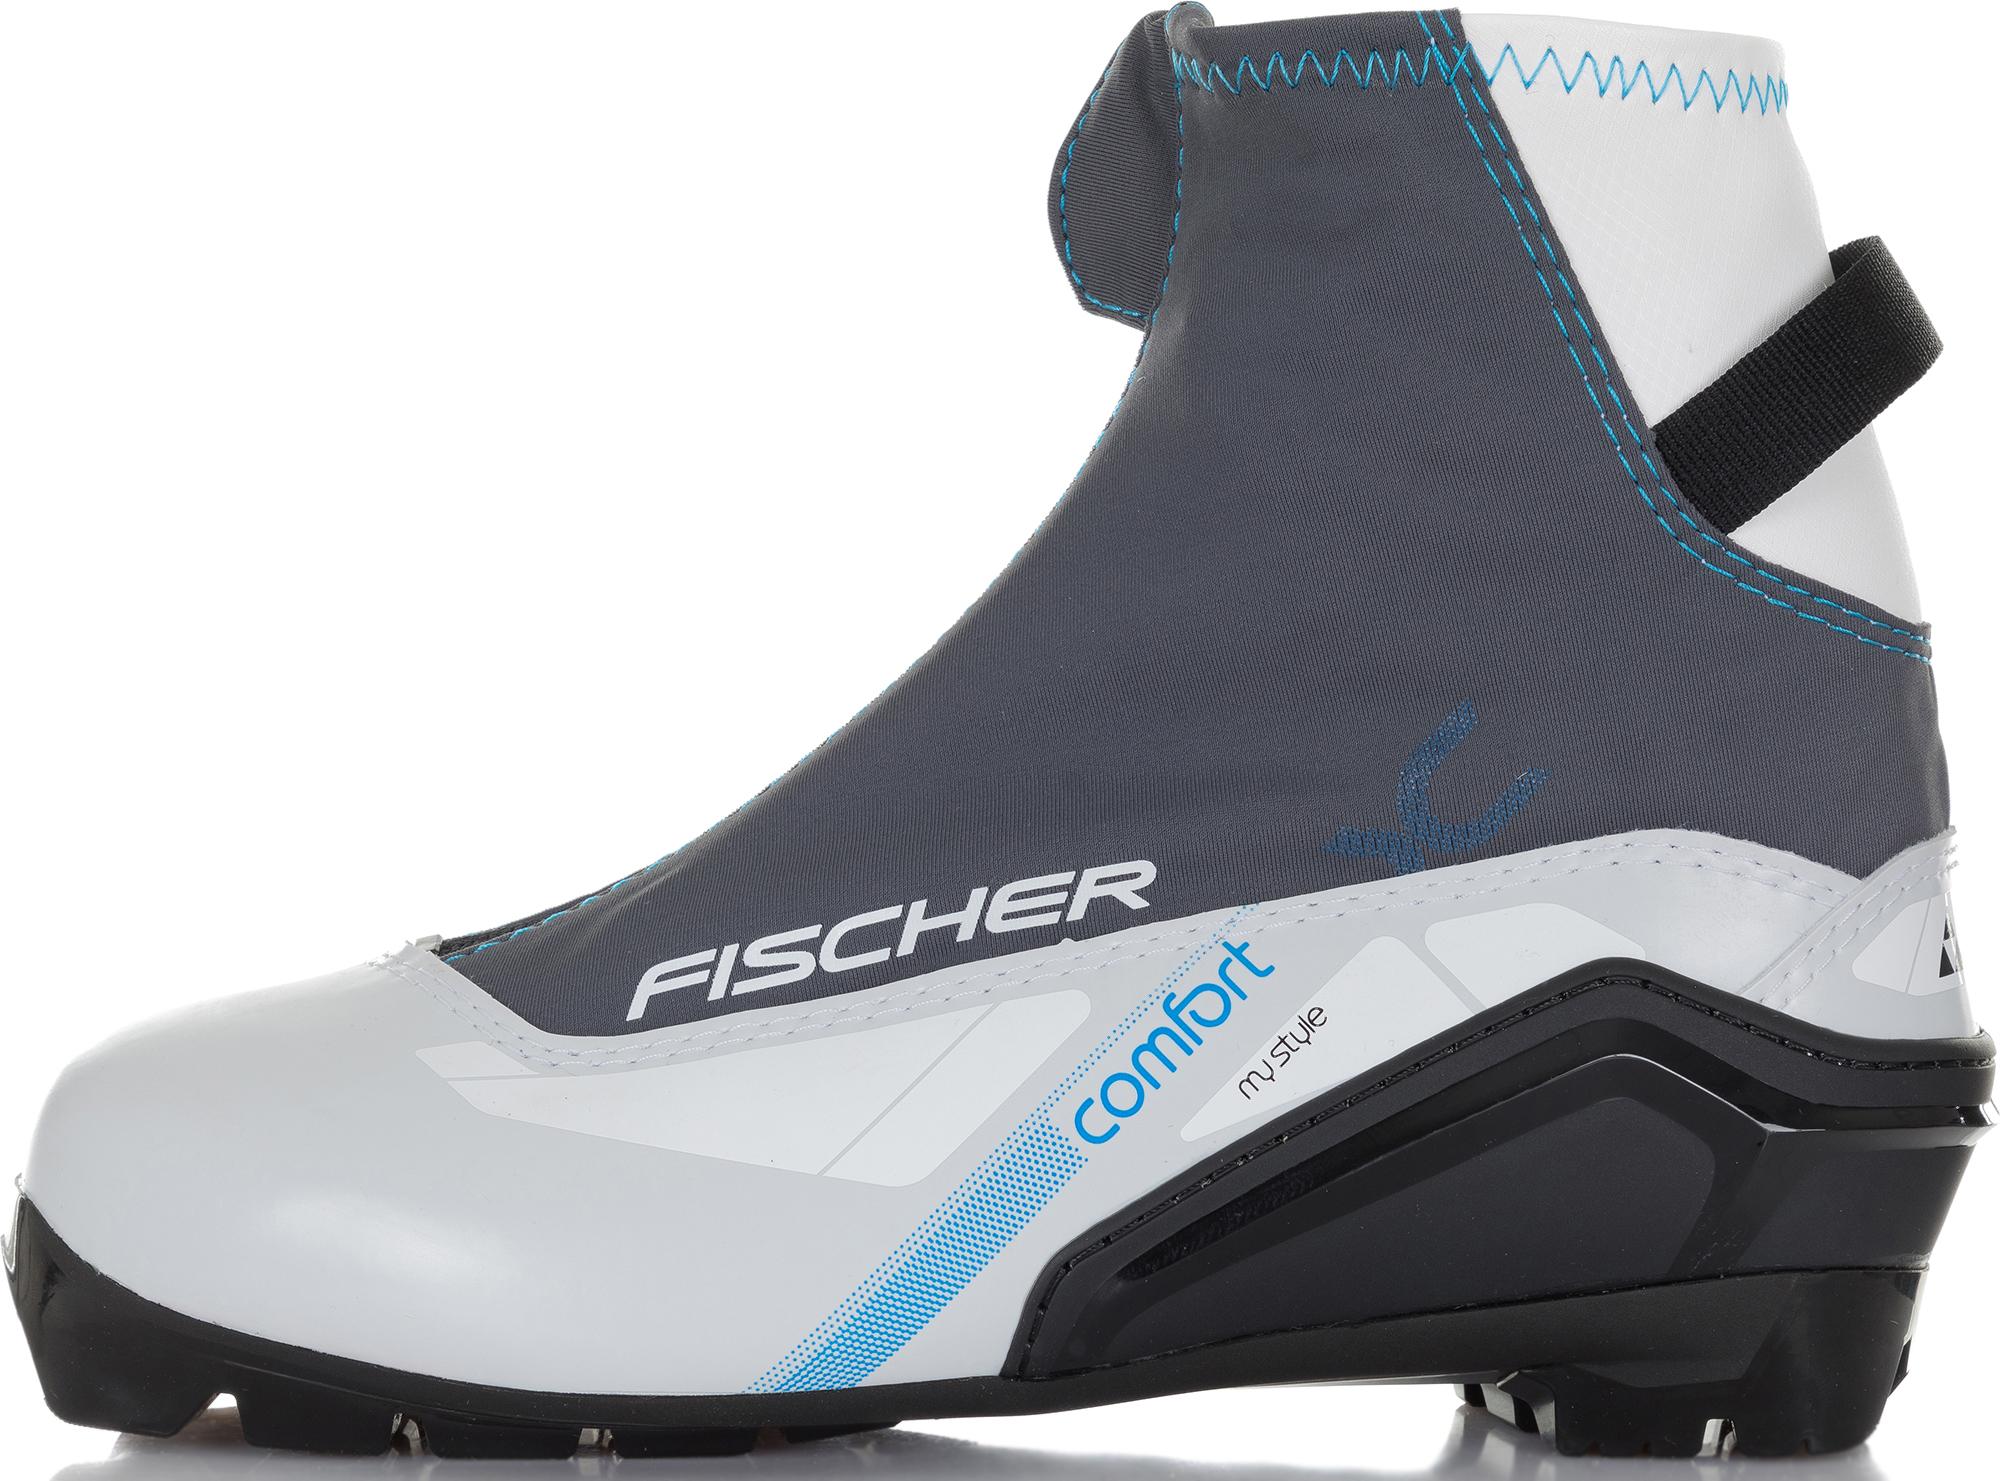 Fischer Ботинки для беговых лыж женские Fischer Xc Comfort My Style SM, размер 36 цены онлайн